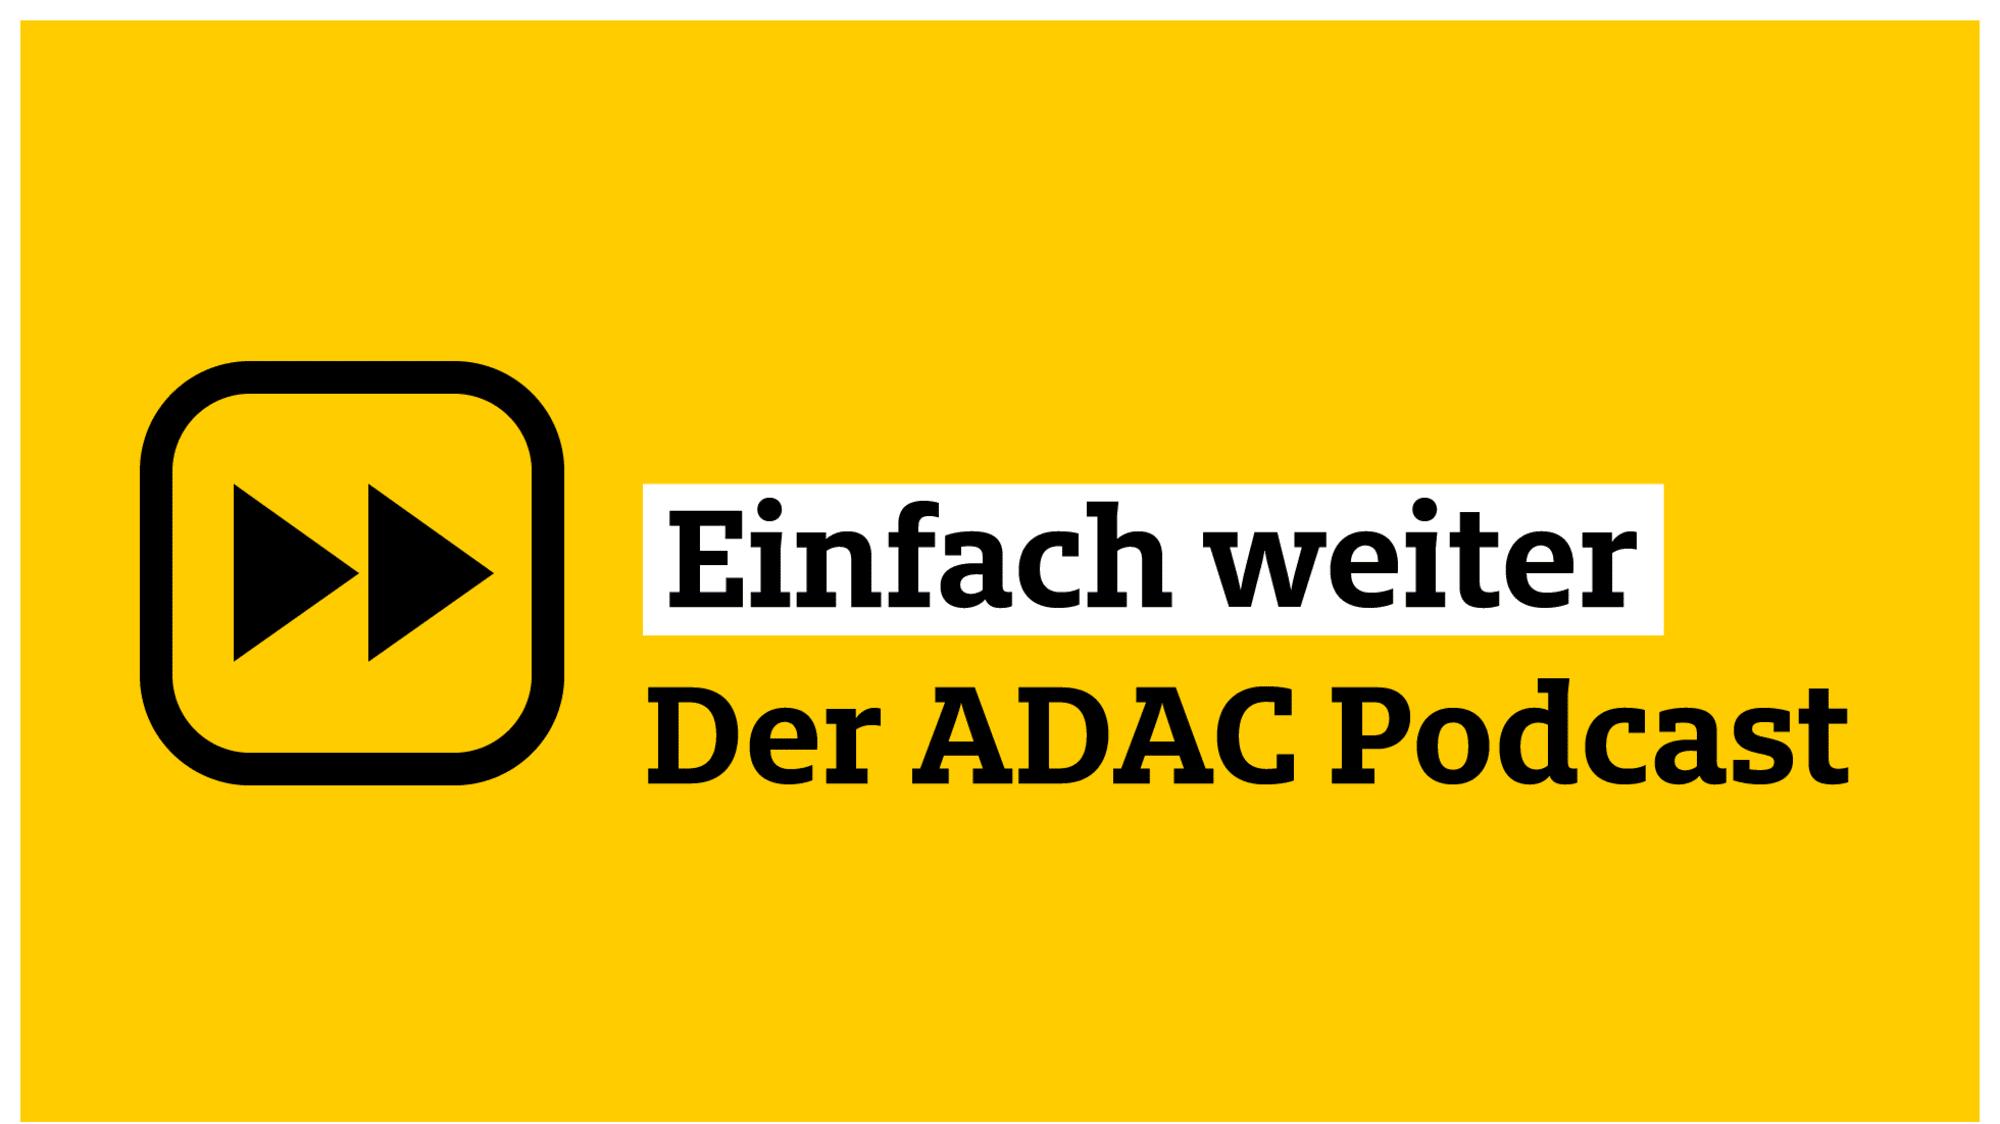 Einfach weiter Der ADAC Podcast